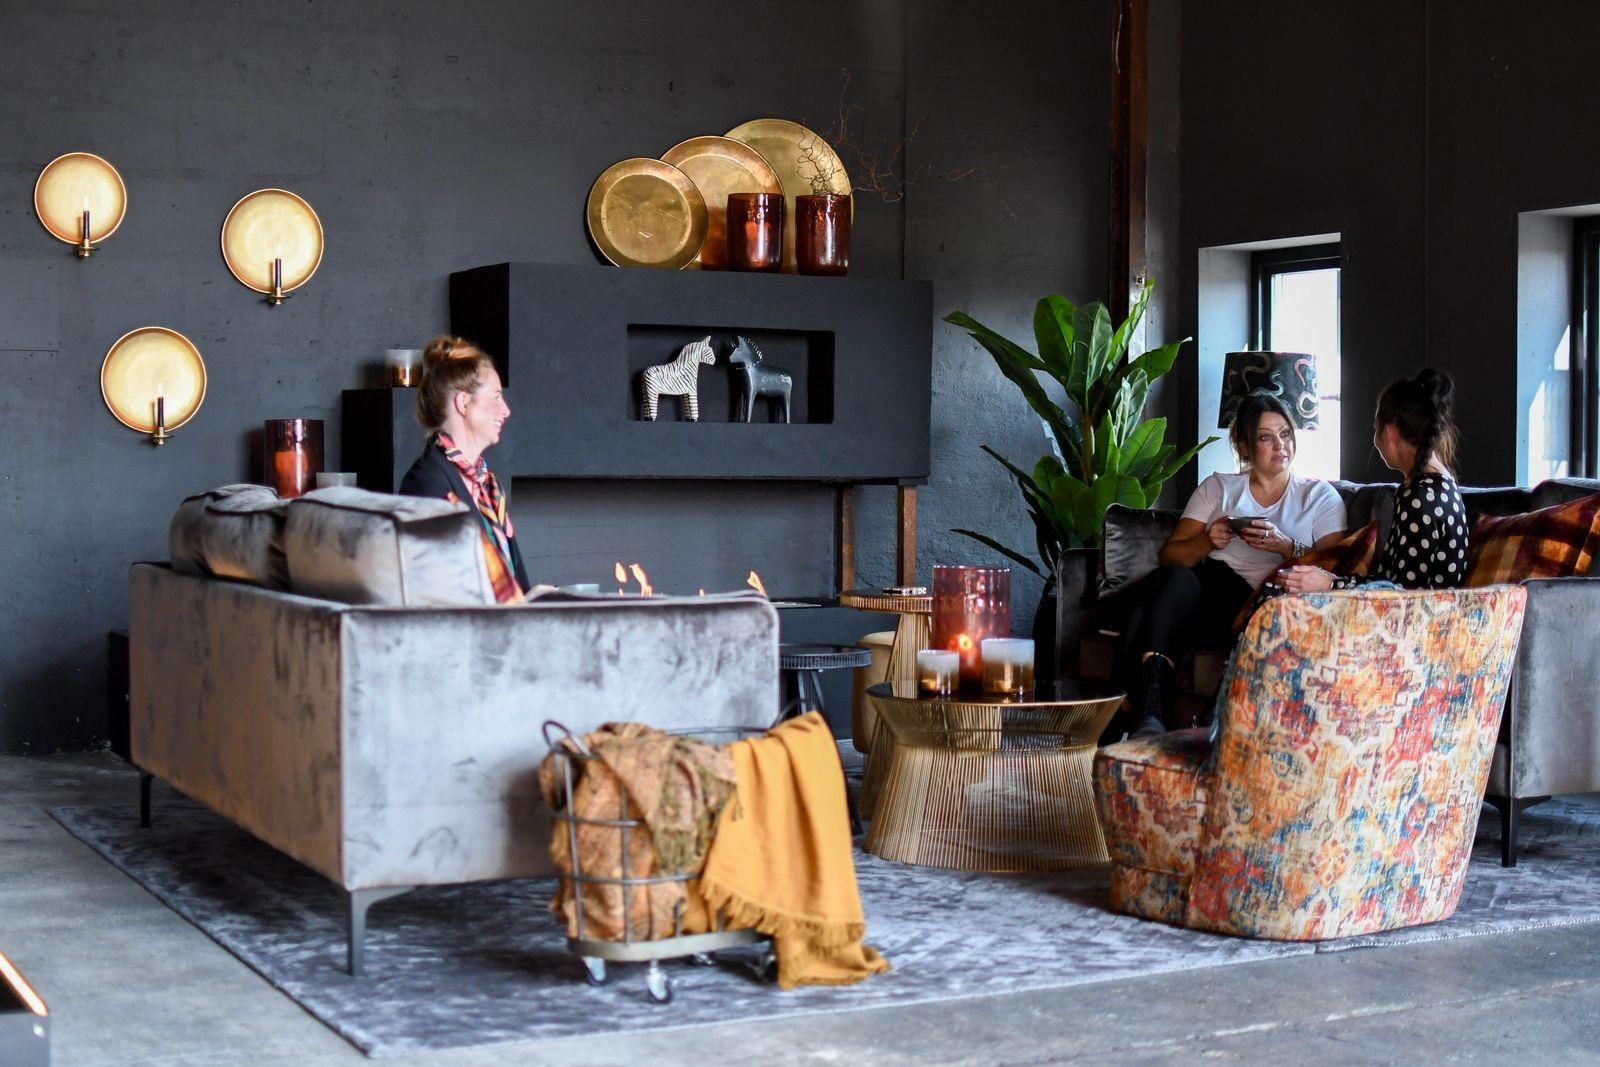 Renoveringen av nya lokalen på Herrestadsgatan inleddes i december och avrundades i somras. Förra veckan öppnade House of Success sitt nya showroom officiellt.